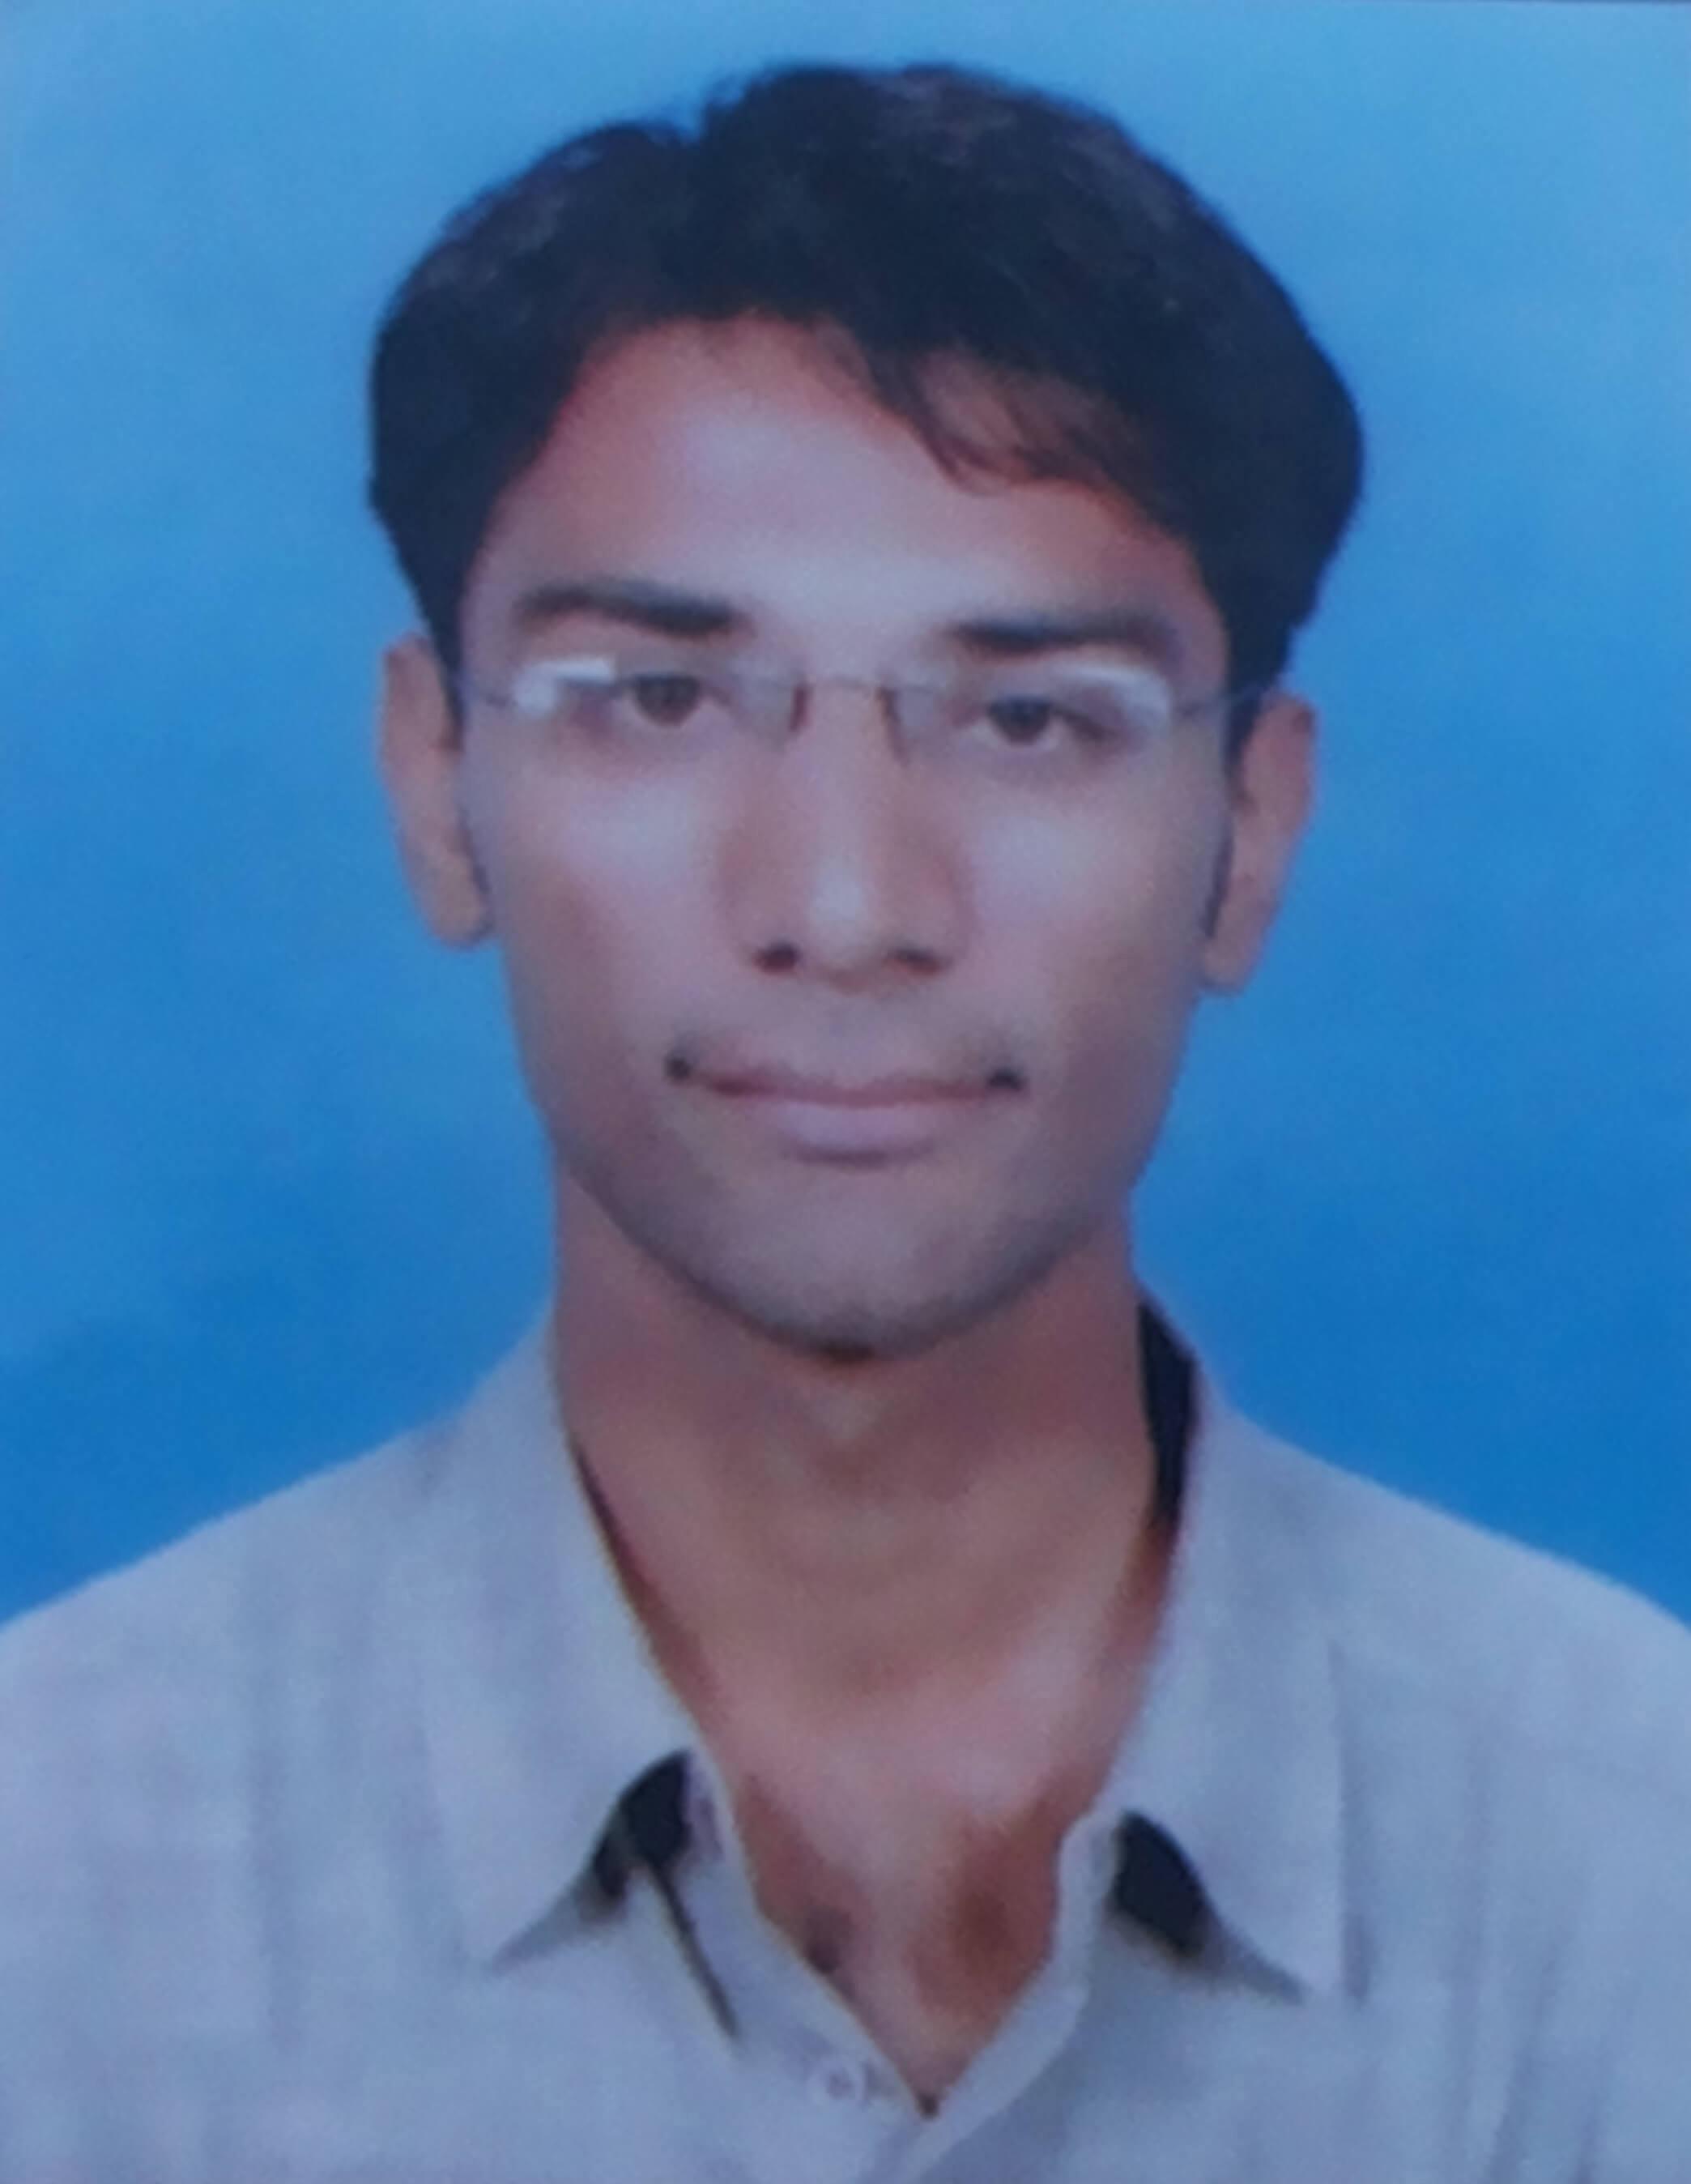 Dhaval Desai